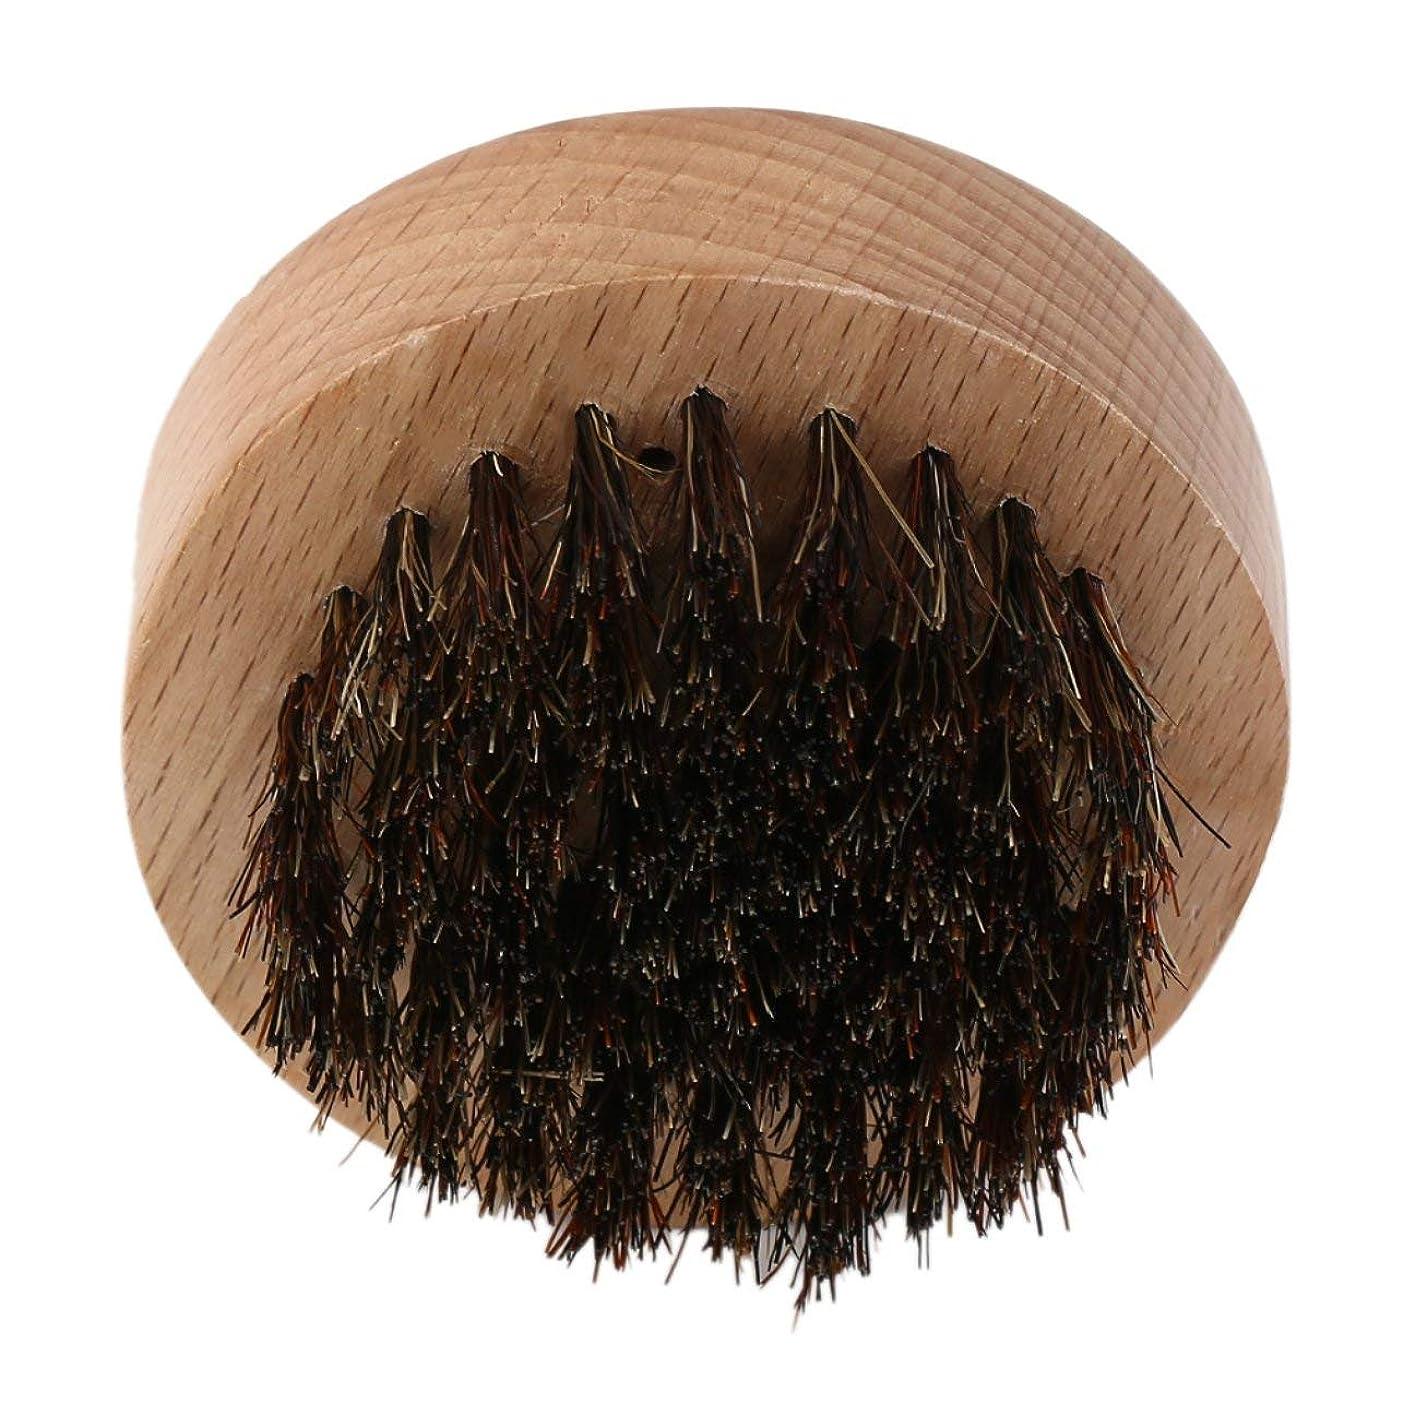 DeeploveUU 男性ウッド+イノシシ毛ラウンドひげブラシフェイシャルヘアコーム用口ひげコンディショニングスタイリングとメンテナンス